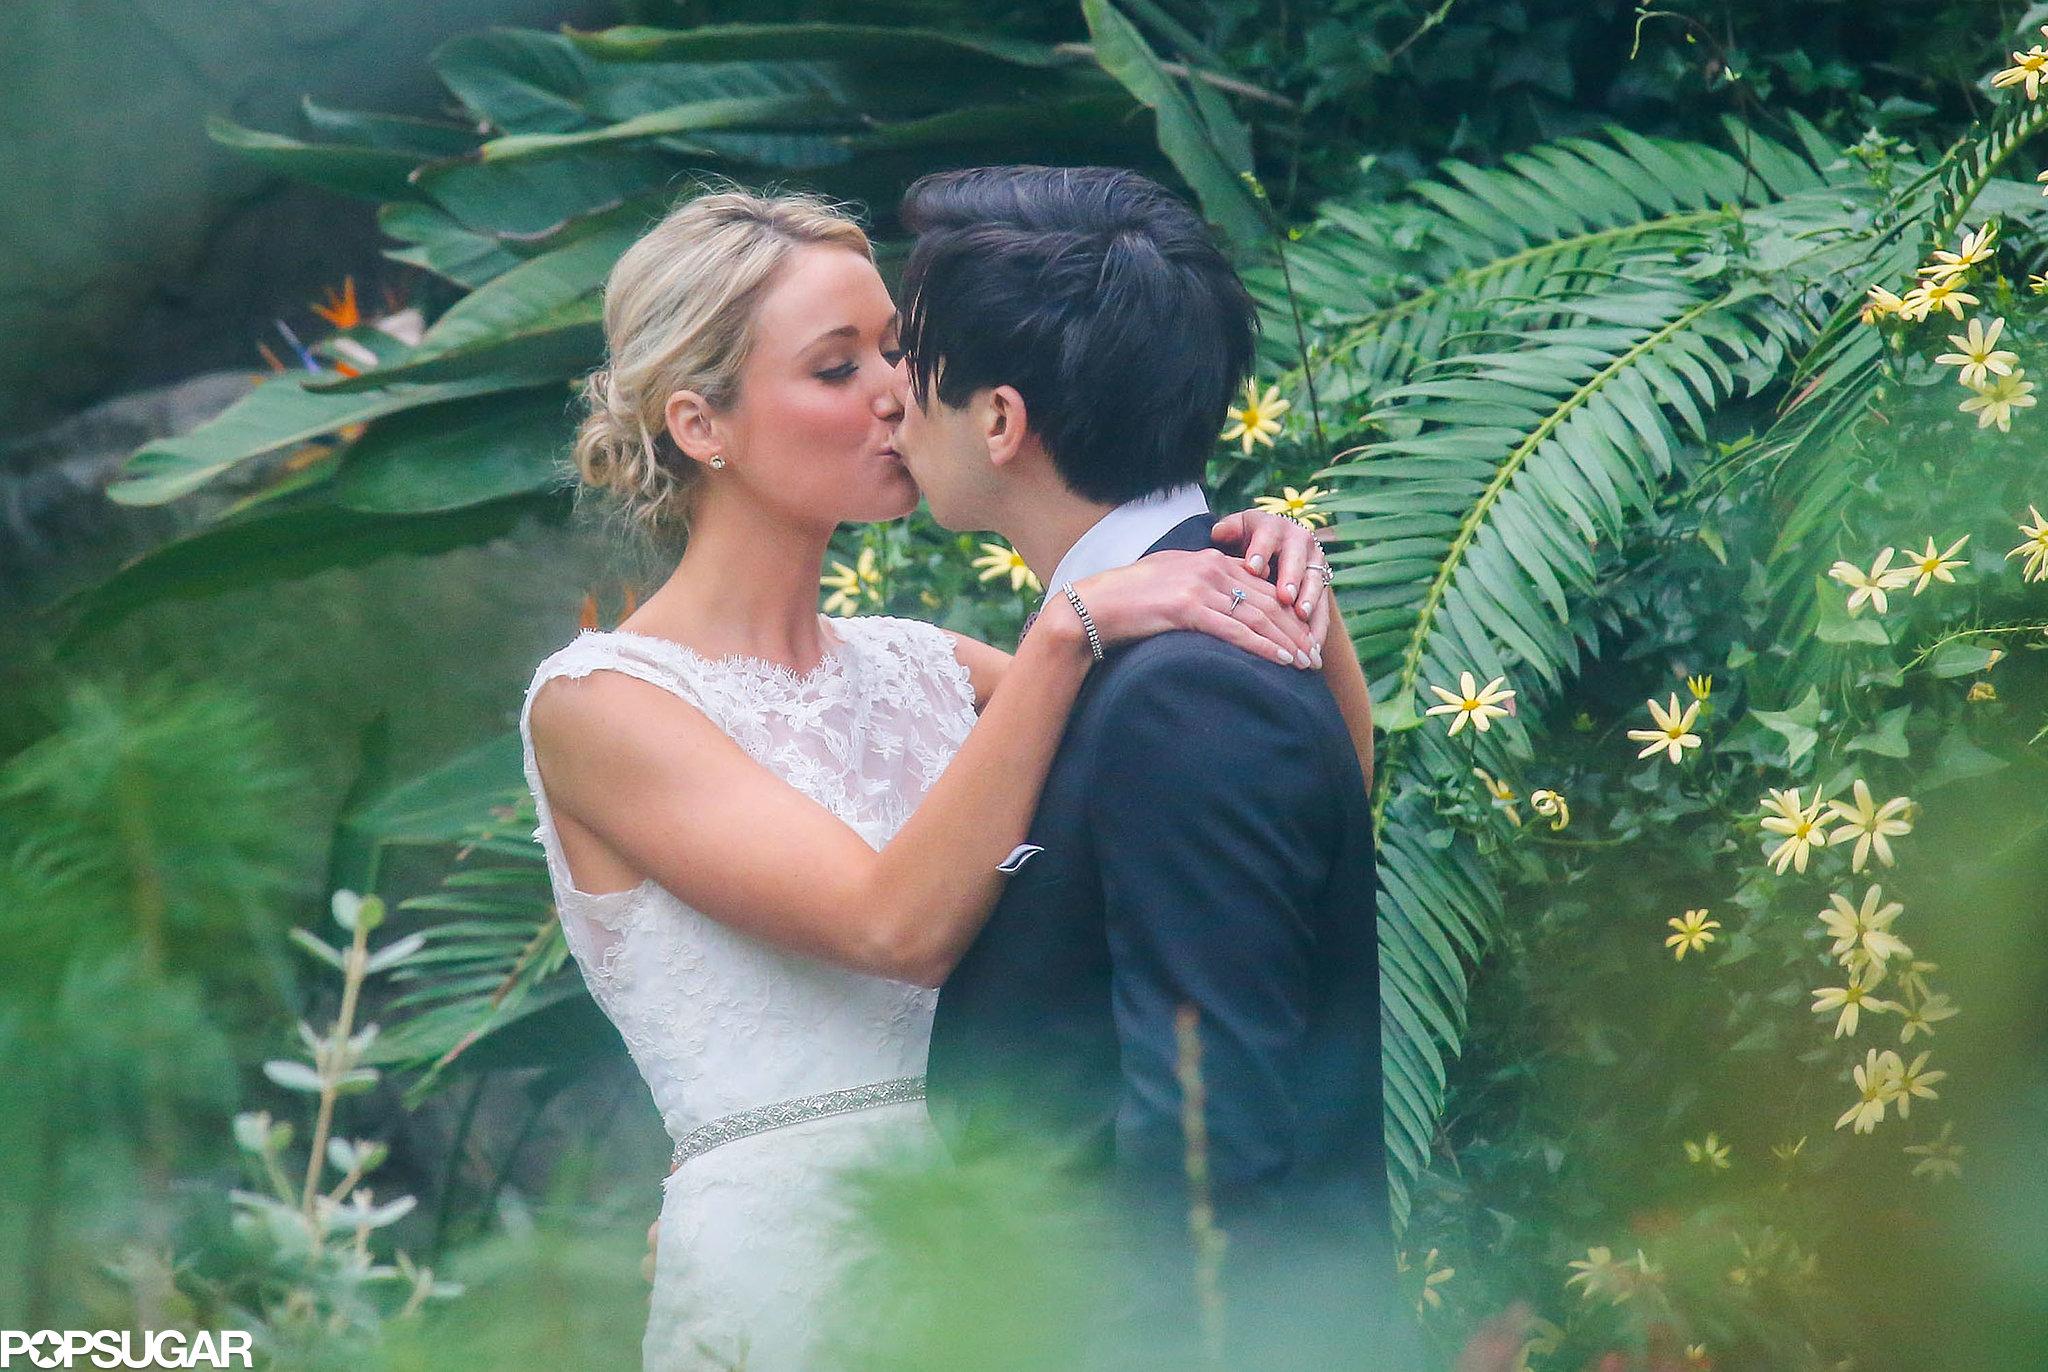 30 Rock's Katrina Bowden shared a wedding kiss with Ben Jorgensen.